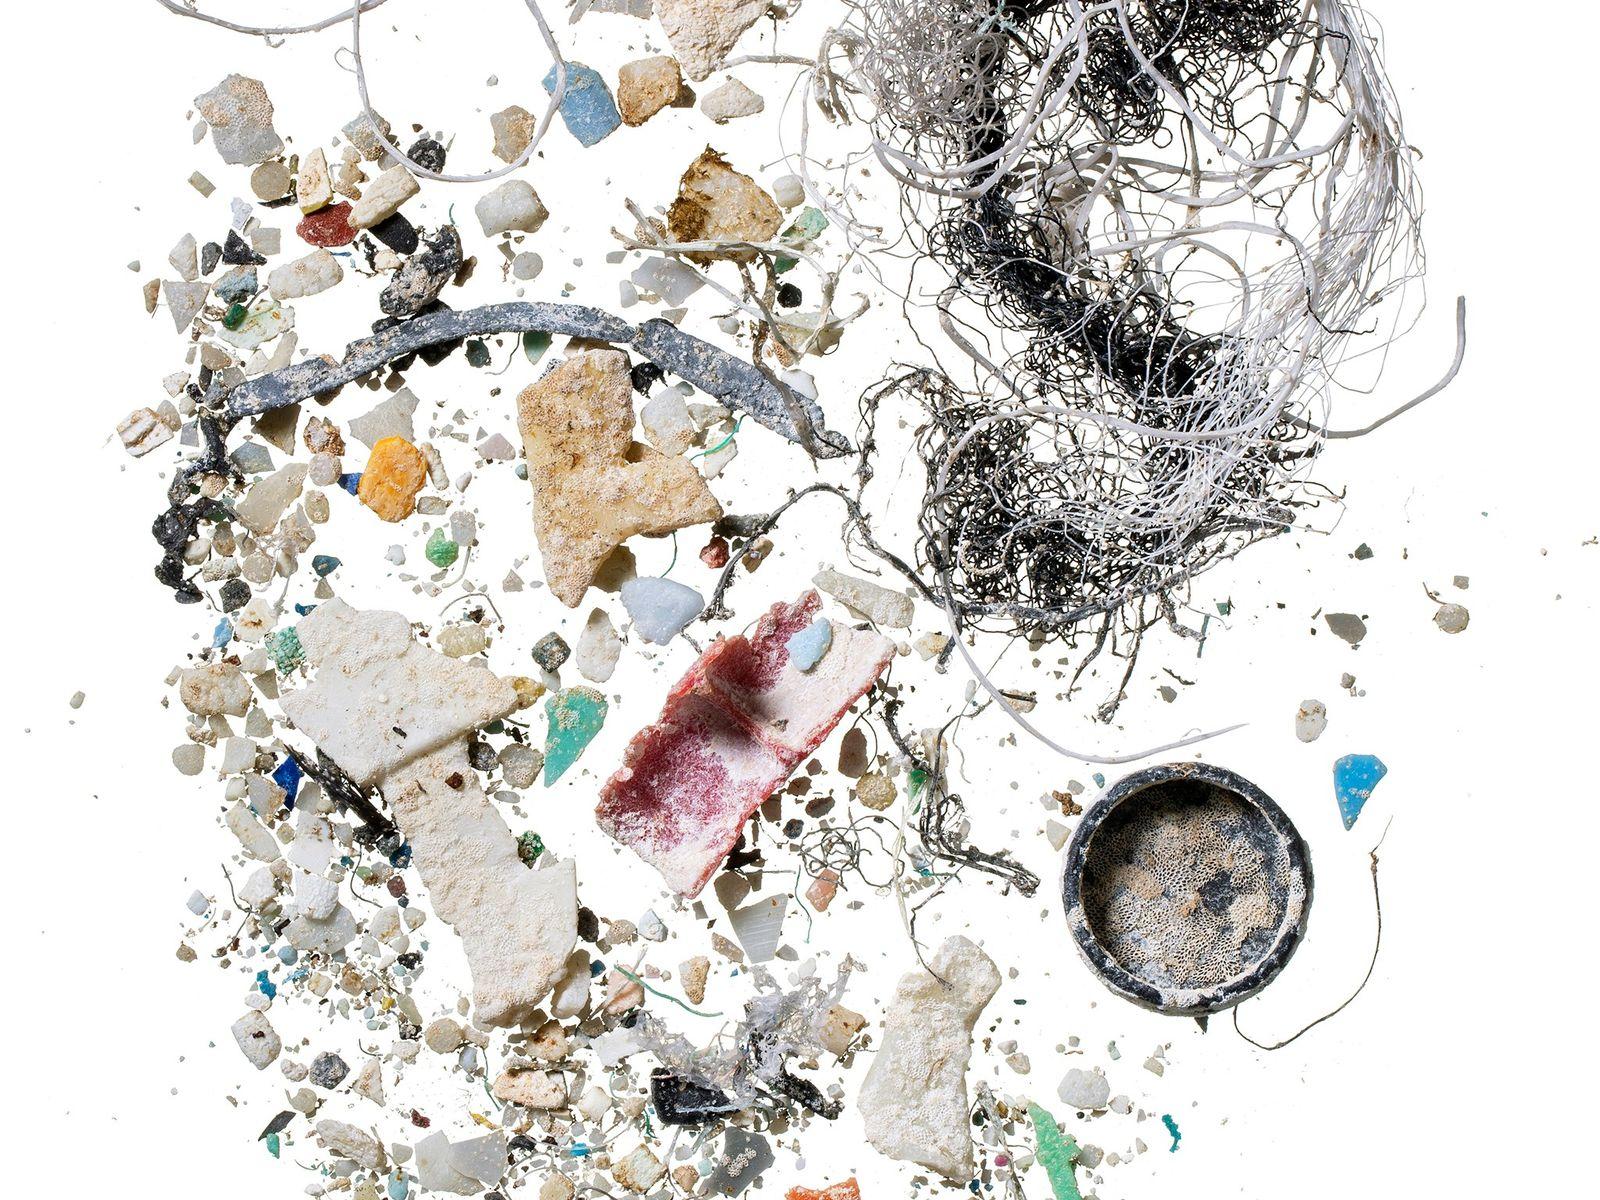 Partículas plásticas em amostras coletadas no Havaí.